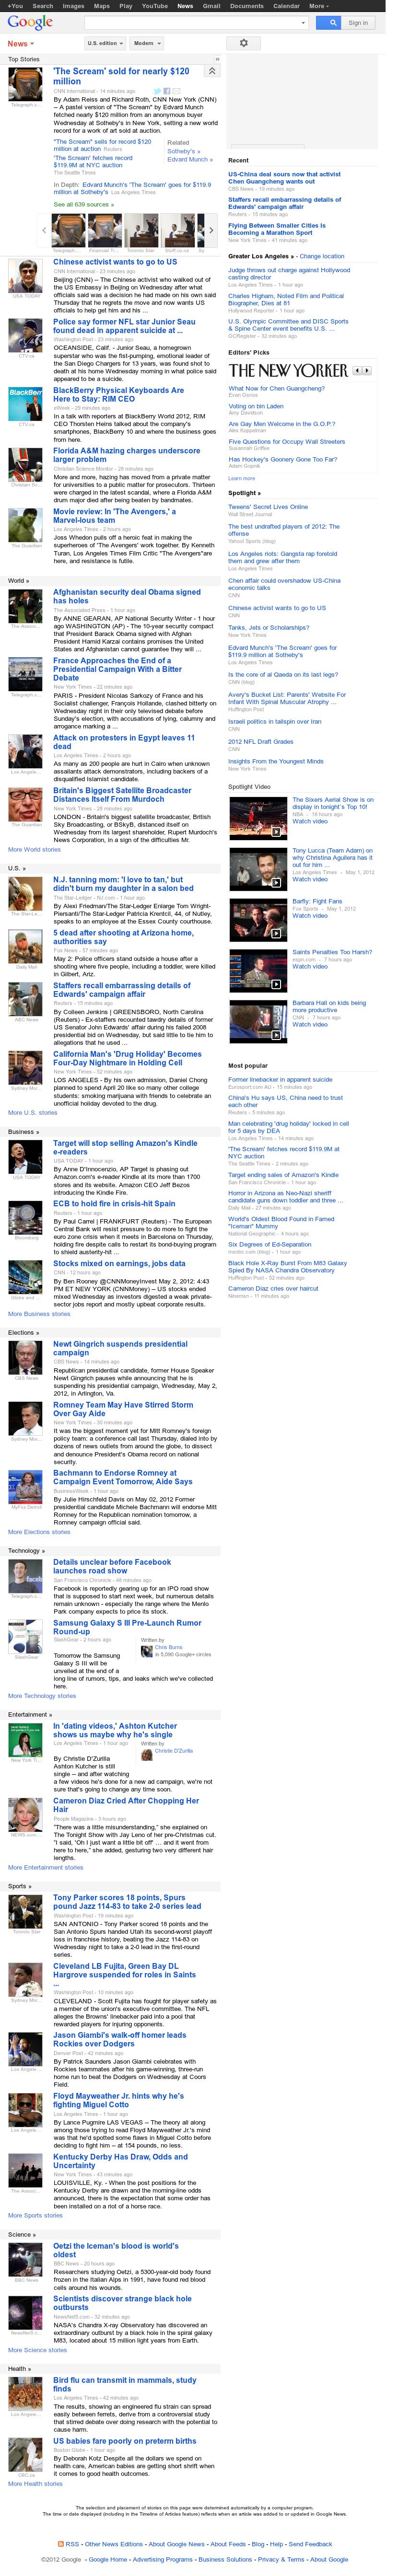 Google News at Thursday May 3, 2012, 2:05 a.m. UTC